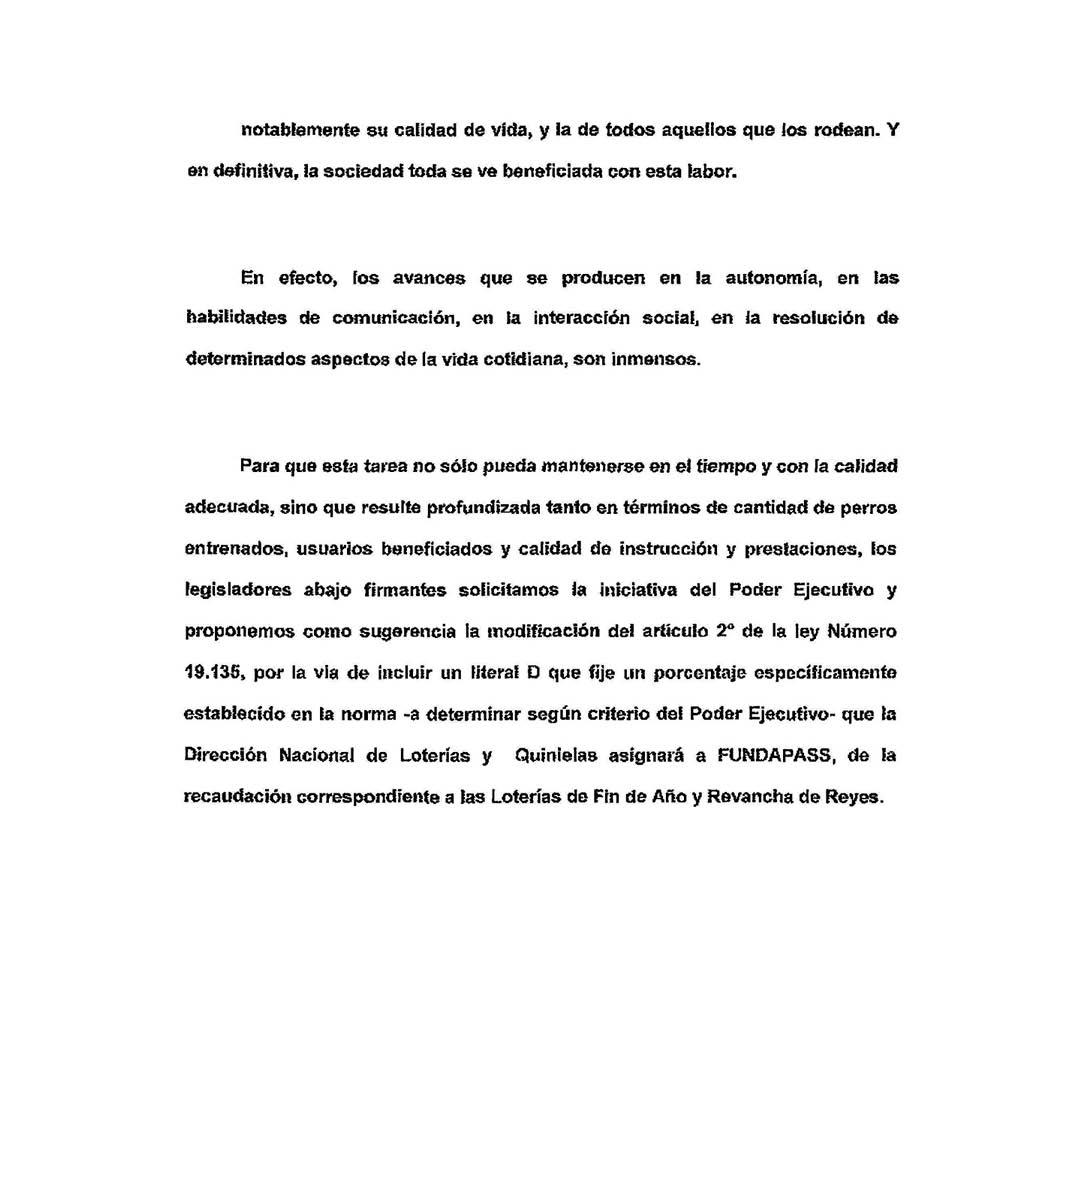 Asombroso Reanudar Habilidades De Asistente Personal Viñeta ...